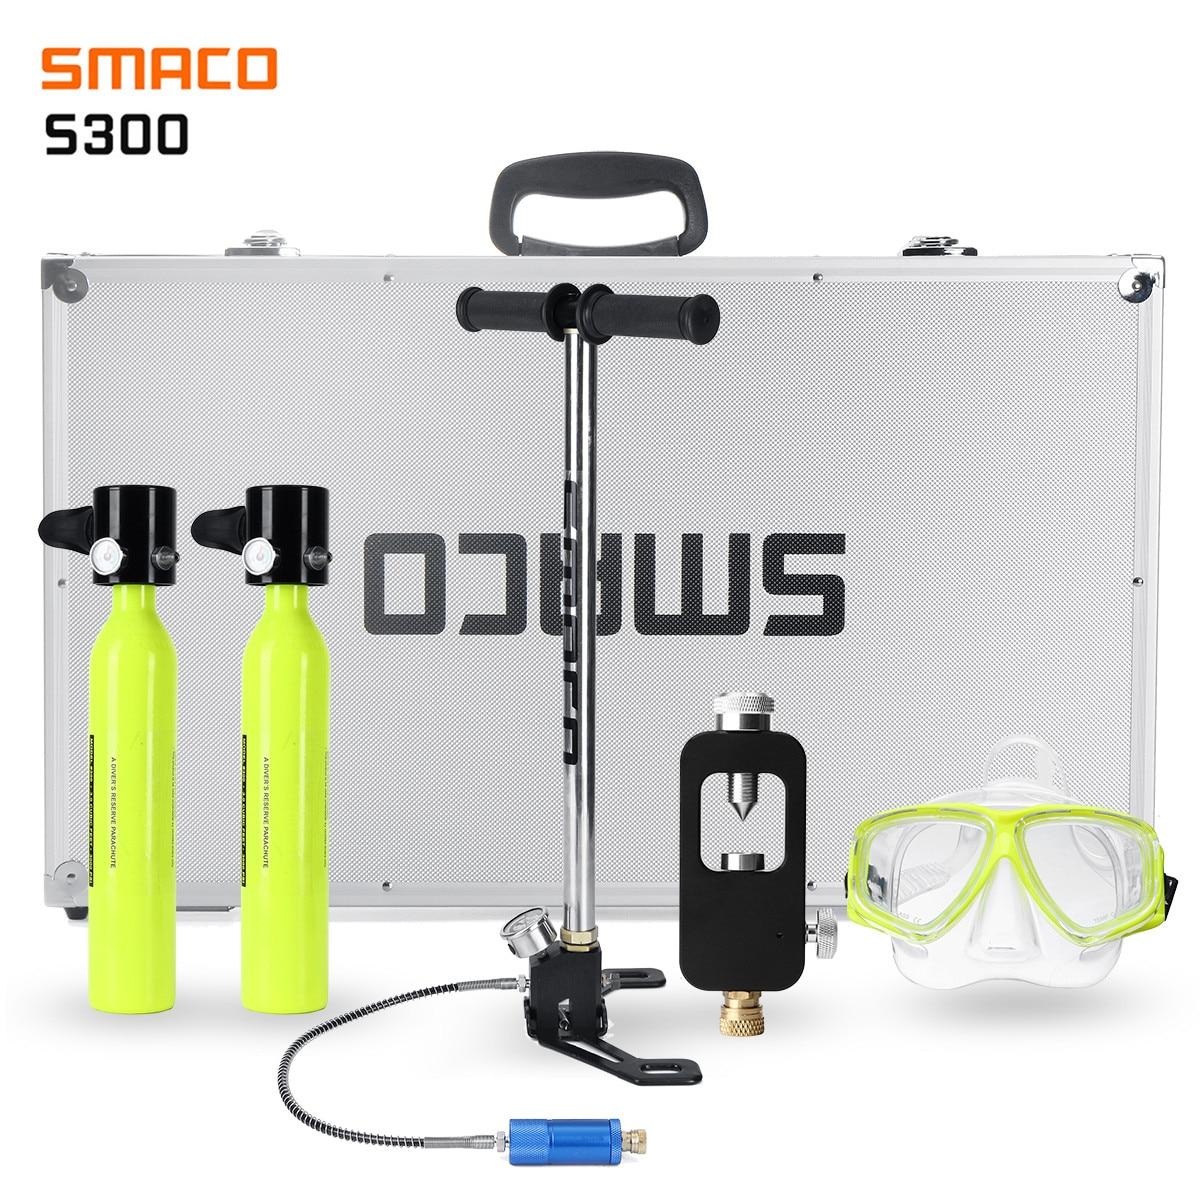 SMACO комплект для 2 человек, система для дайвинга, мини цилиндр для подводного плавания, кислородный резерв, Воздушный бак, насос, алюминиевая ...